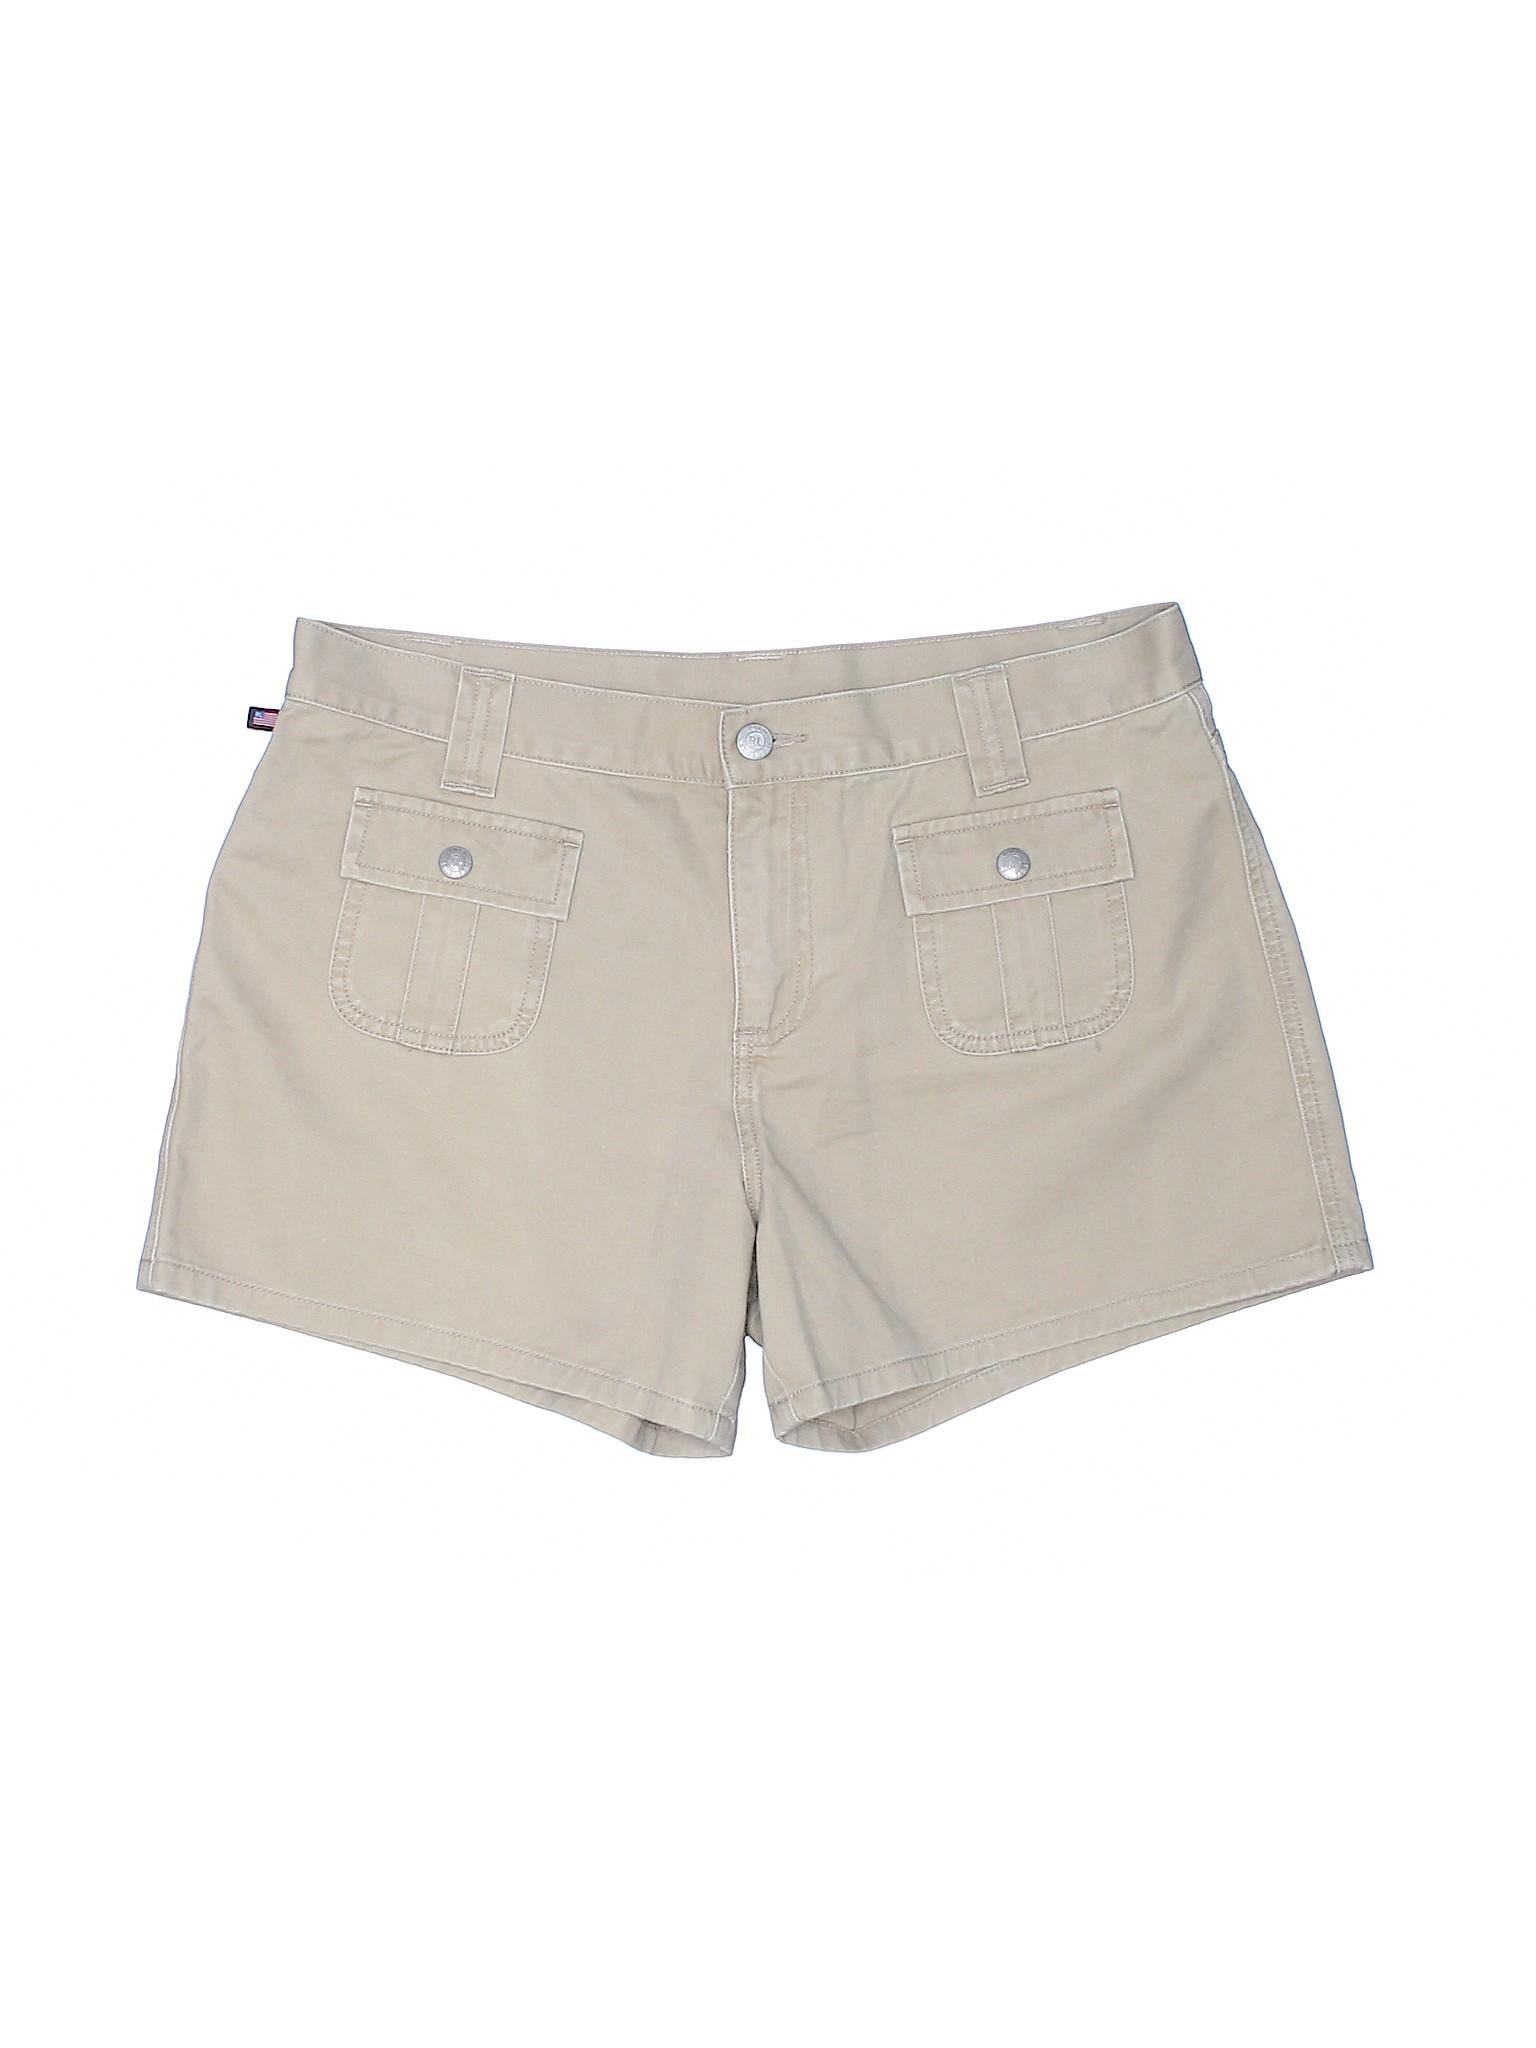 Shorts Khaki Lauren by Boutique Ralph Polo xFZHFqX